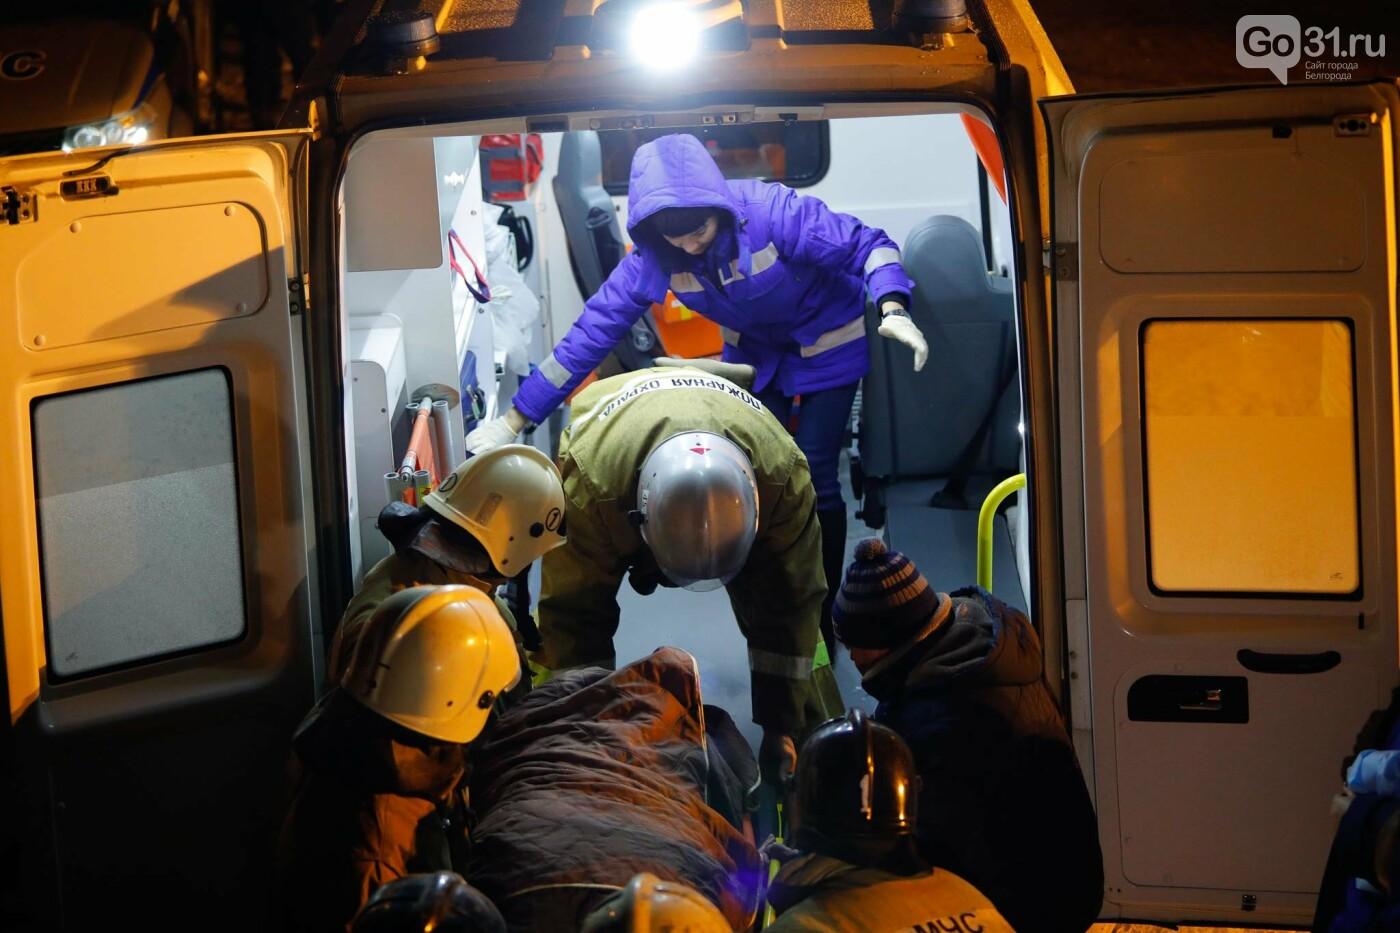 Под завалами разрушенного дома в Белгородской области нашли погибшего. Пострадали еще 6 человек (ФОТО И ПОДРОБНОСТИ), фото-19